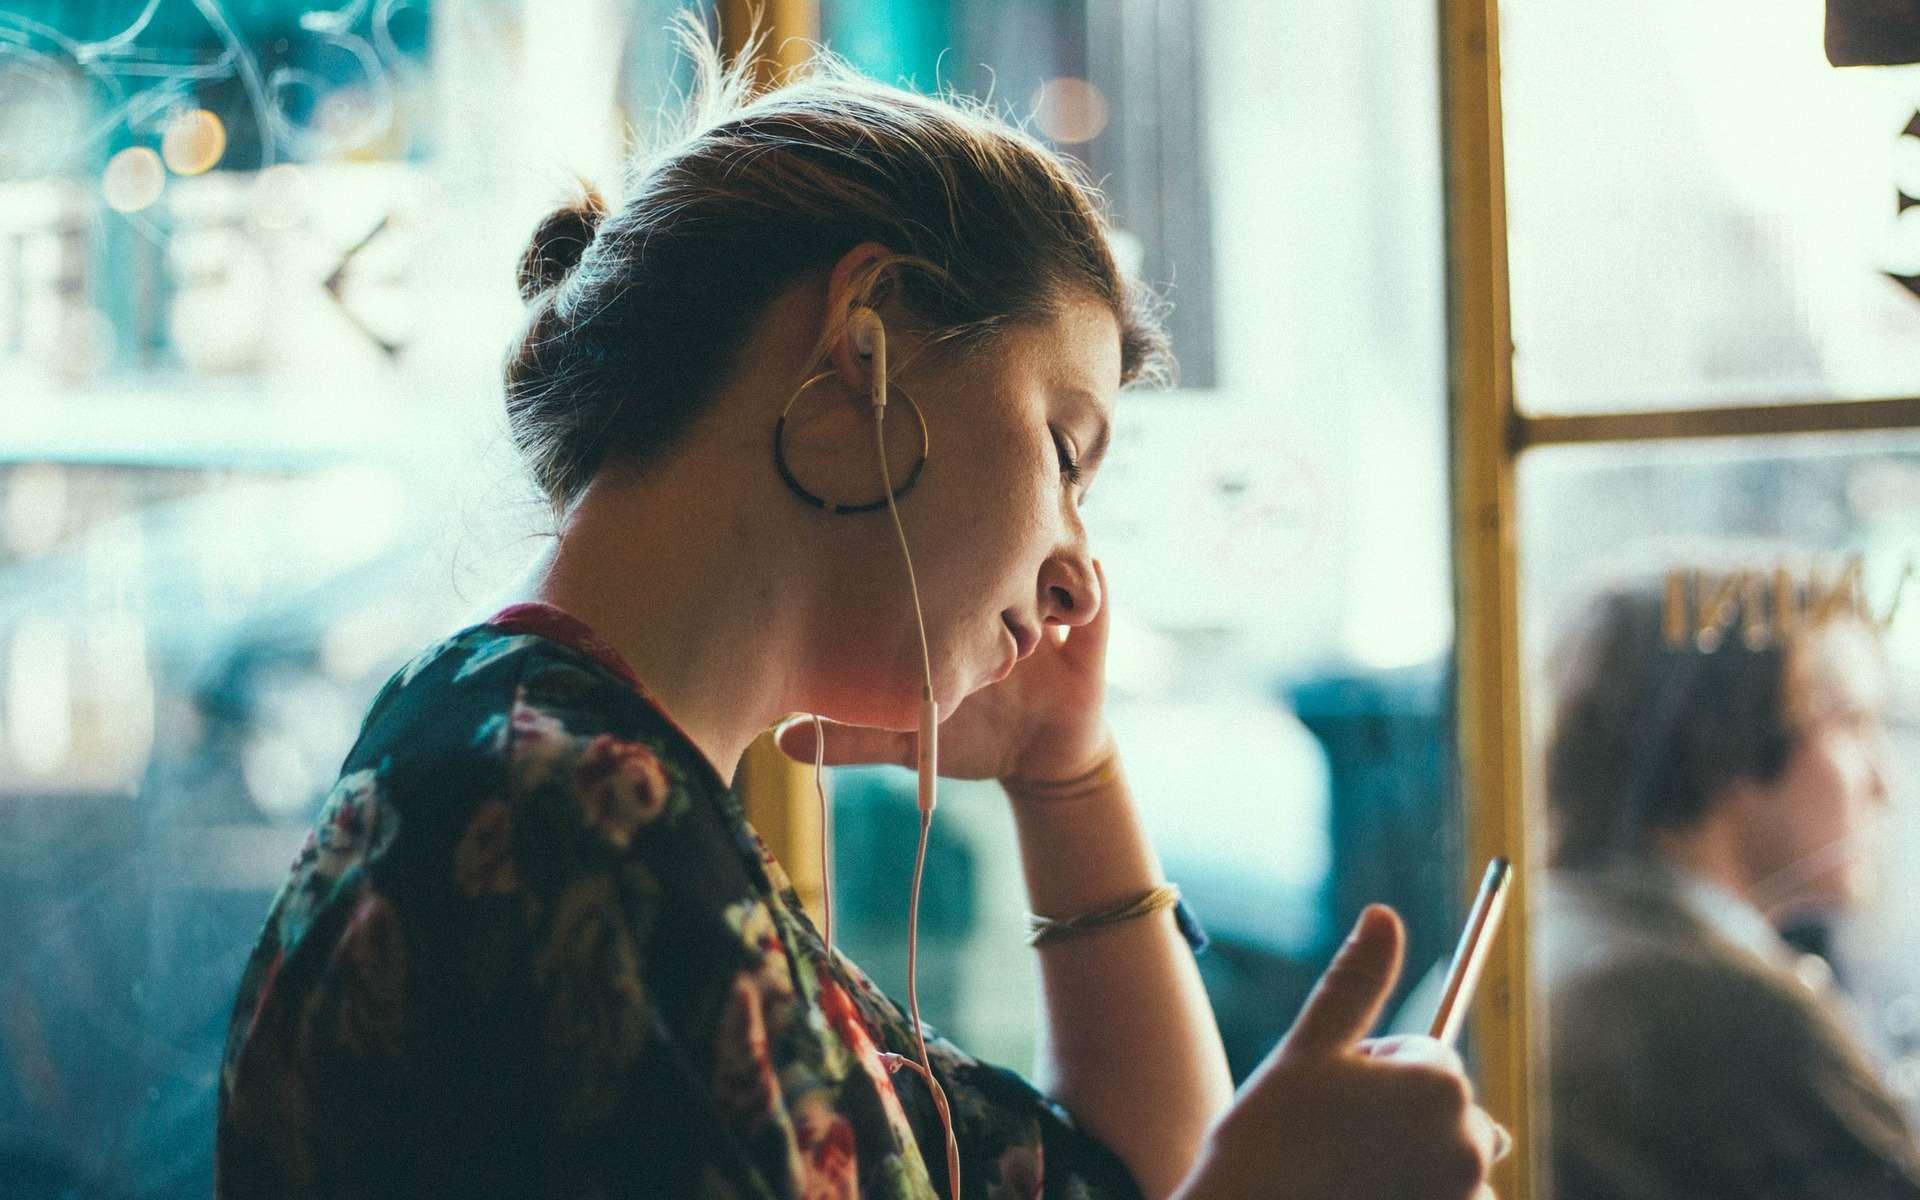 Un forfait mobile pas cher avec une grosse enveloppe data chez Auchan Télécom © StockSnap, Pixabay